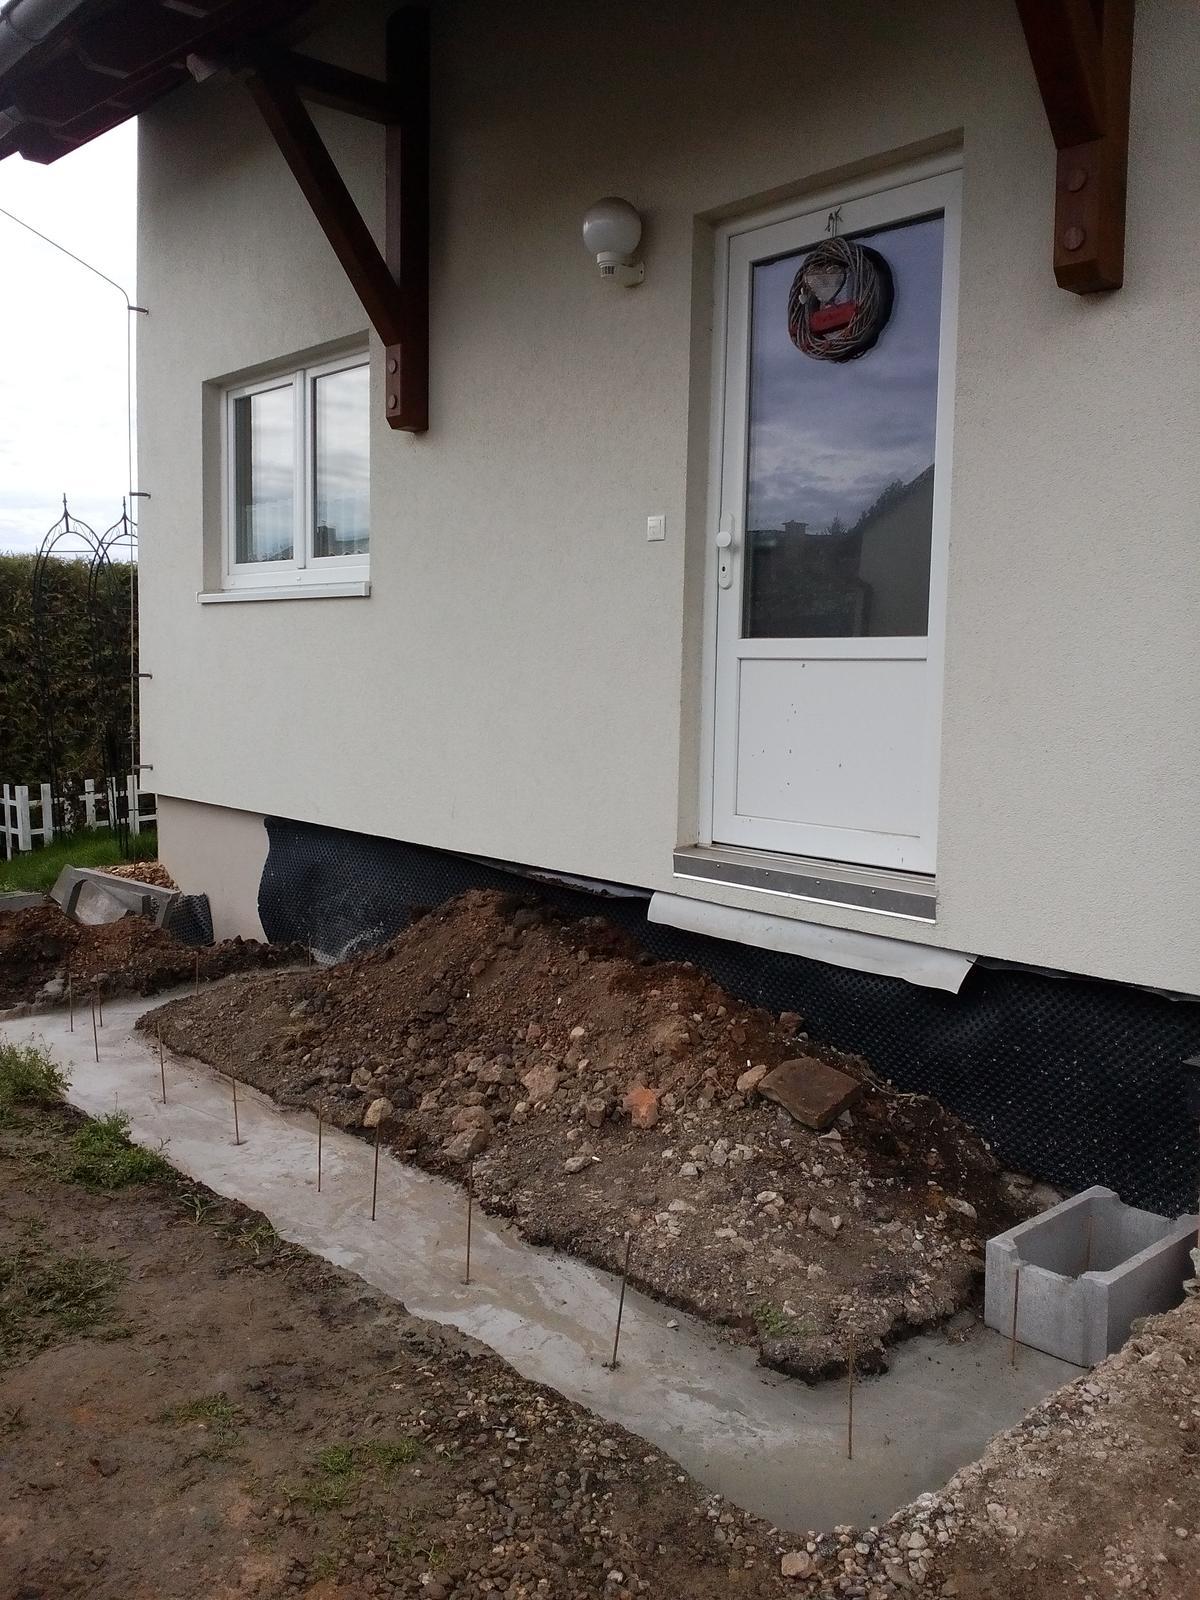 Schody do domu - projekt r.2016 - No základ ako pod domom, tie schody nás preziju